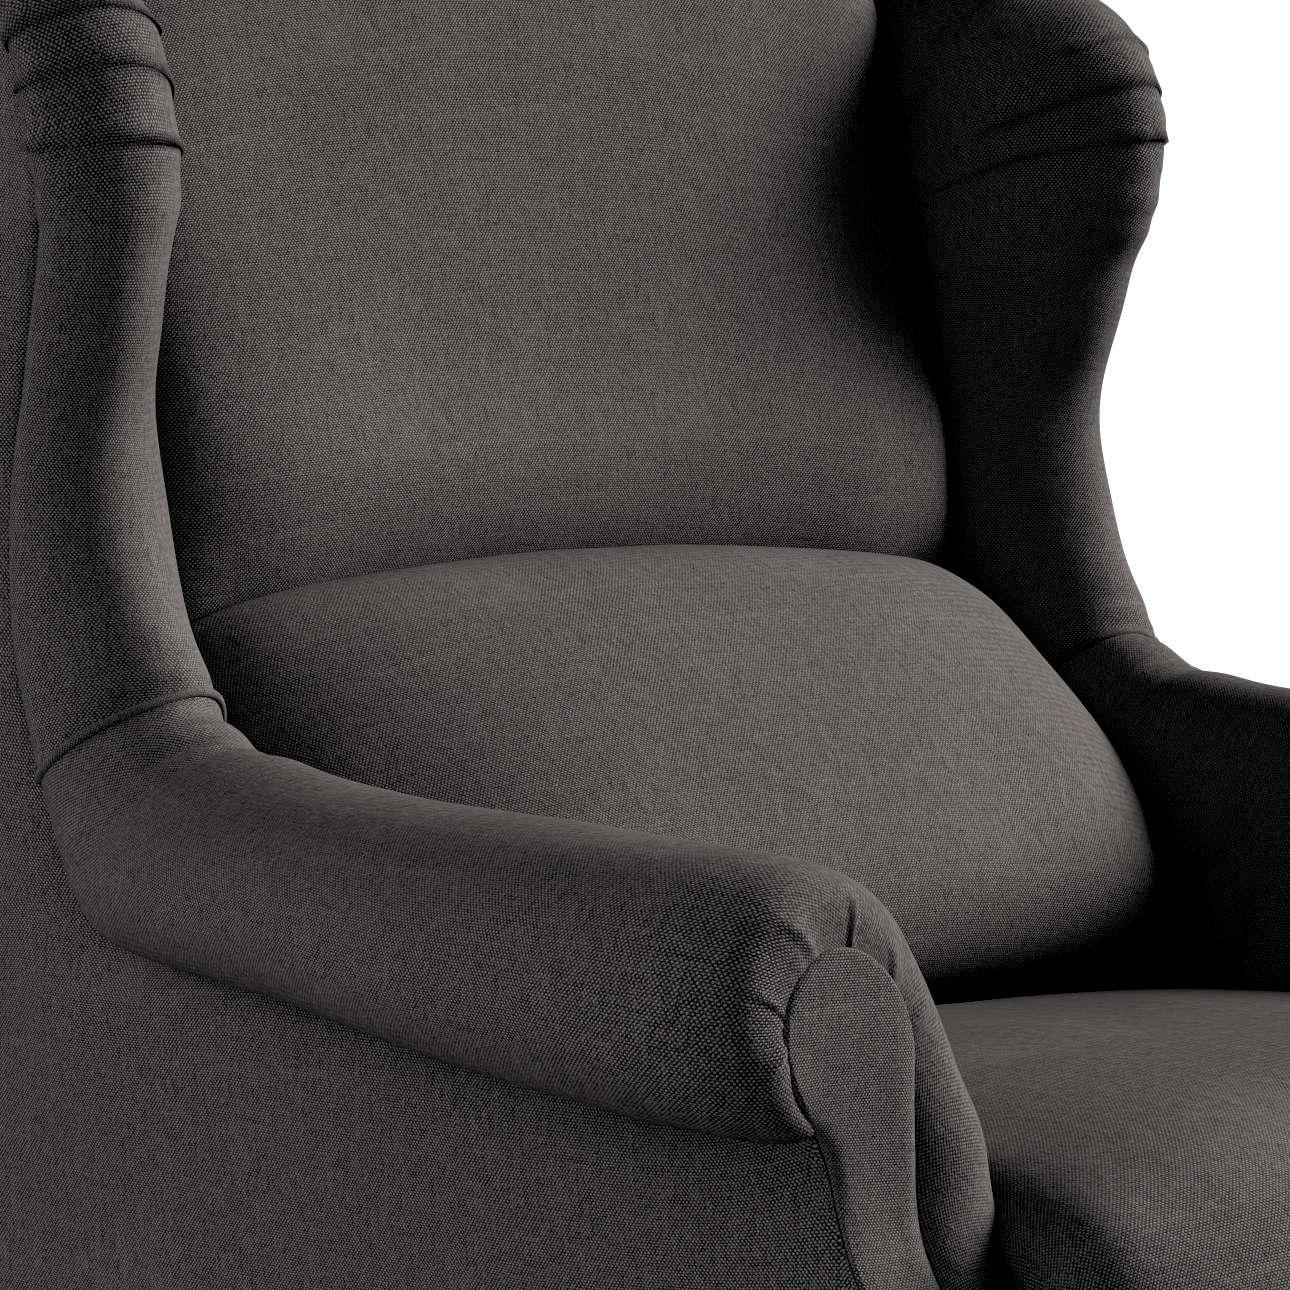 Křeslo Rest - čalouněné s volbou látky, ruční výroba v kolekci Etna, látka: 705-35